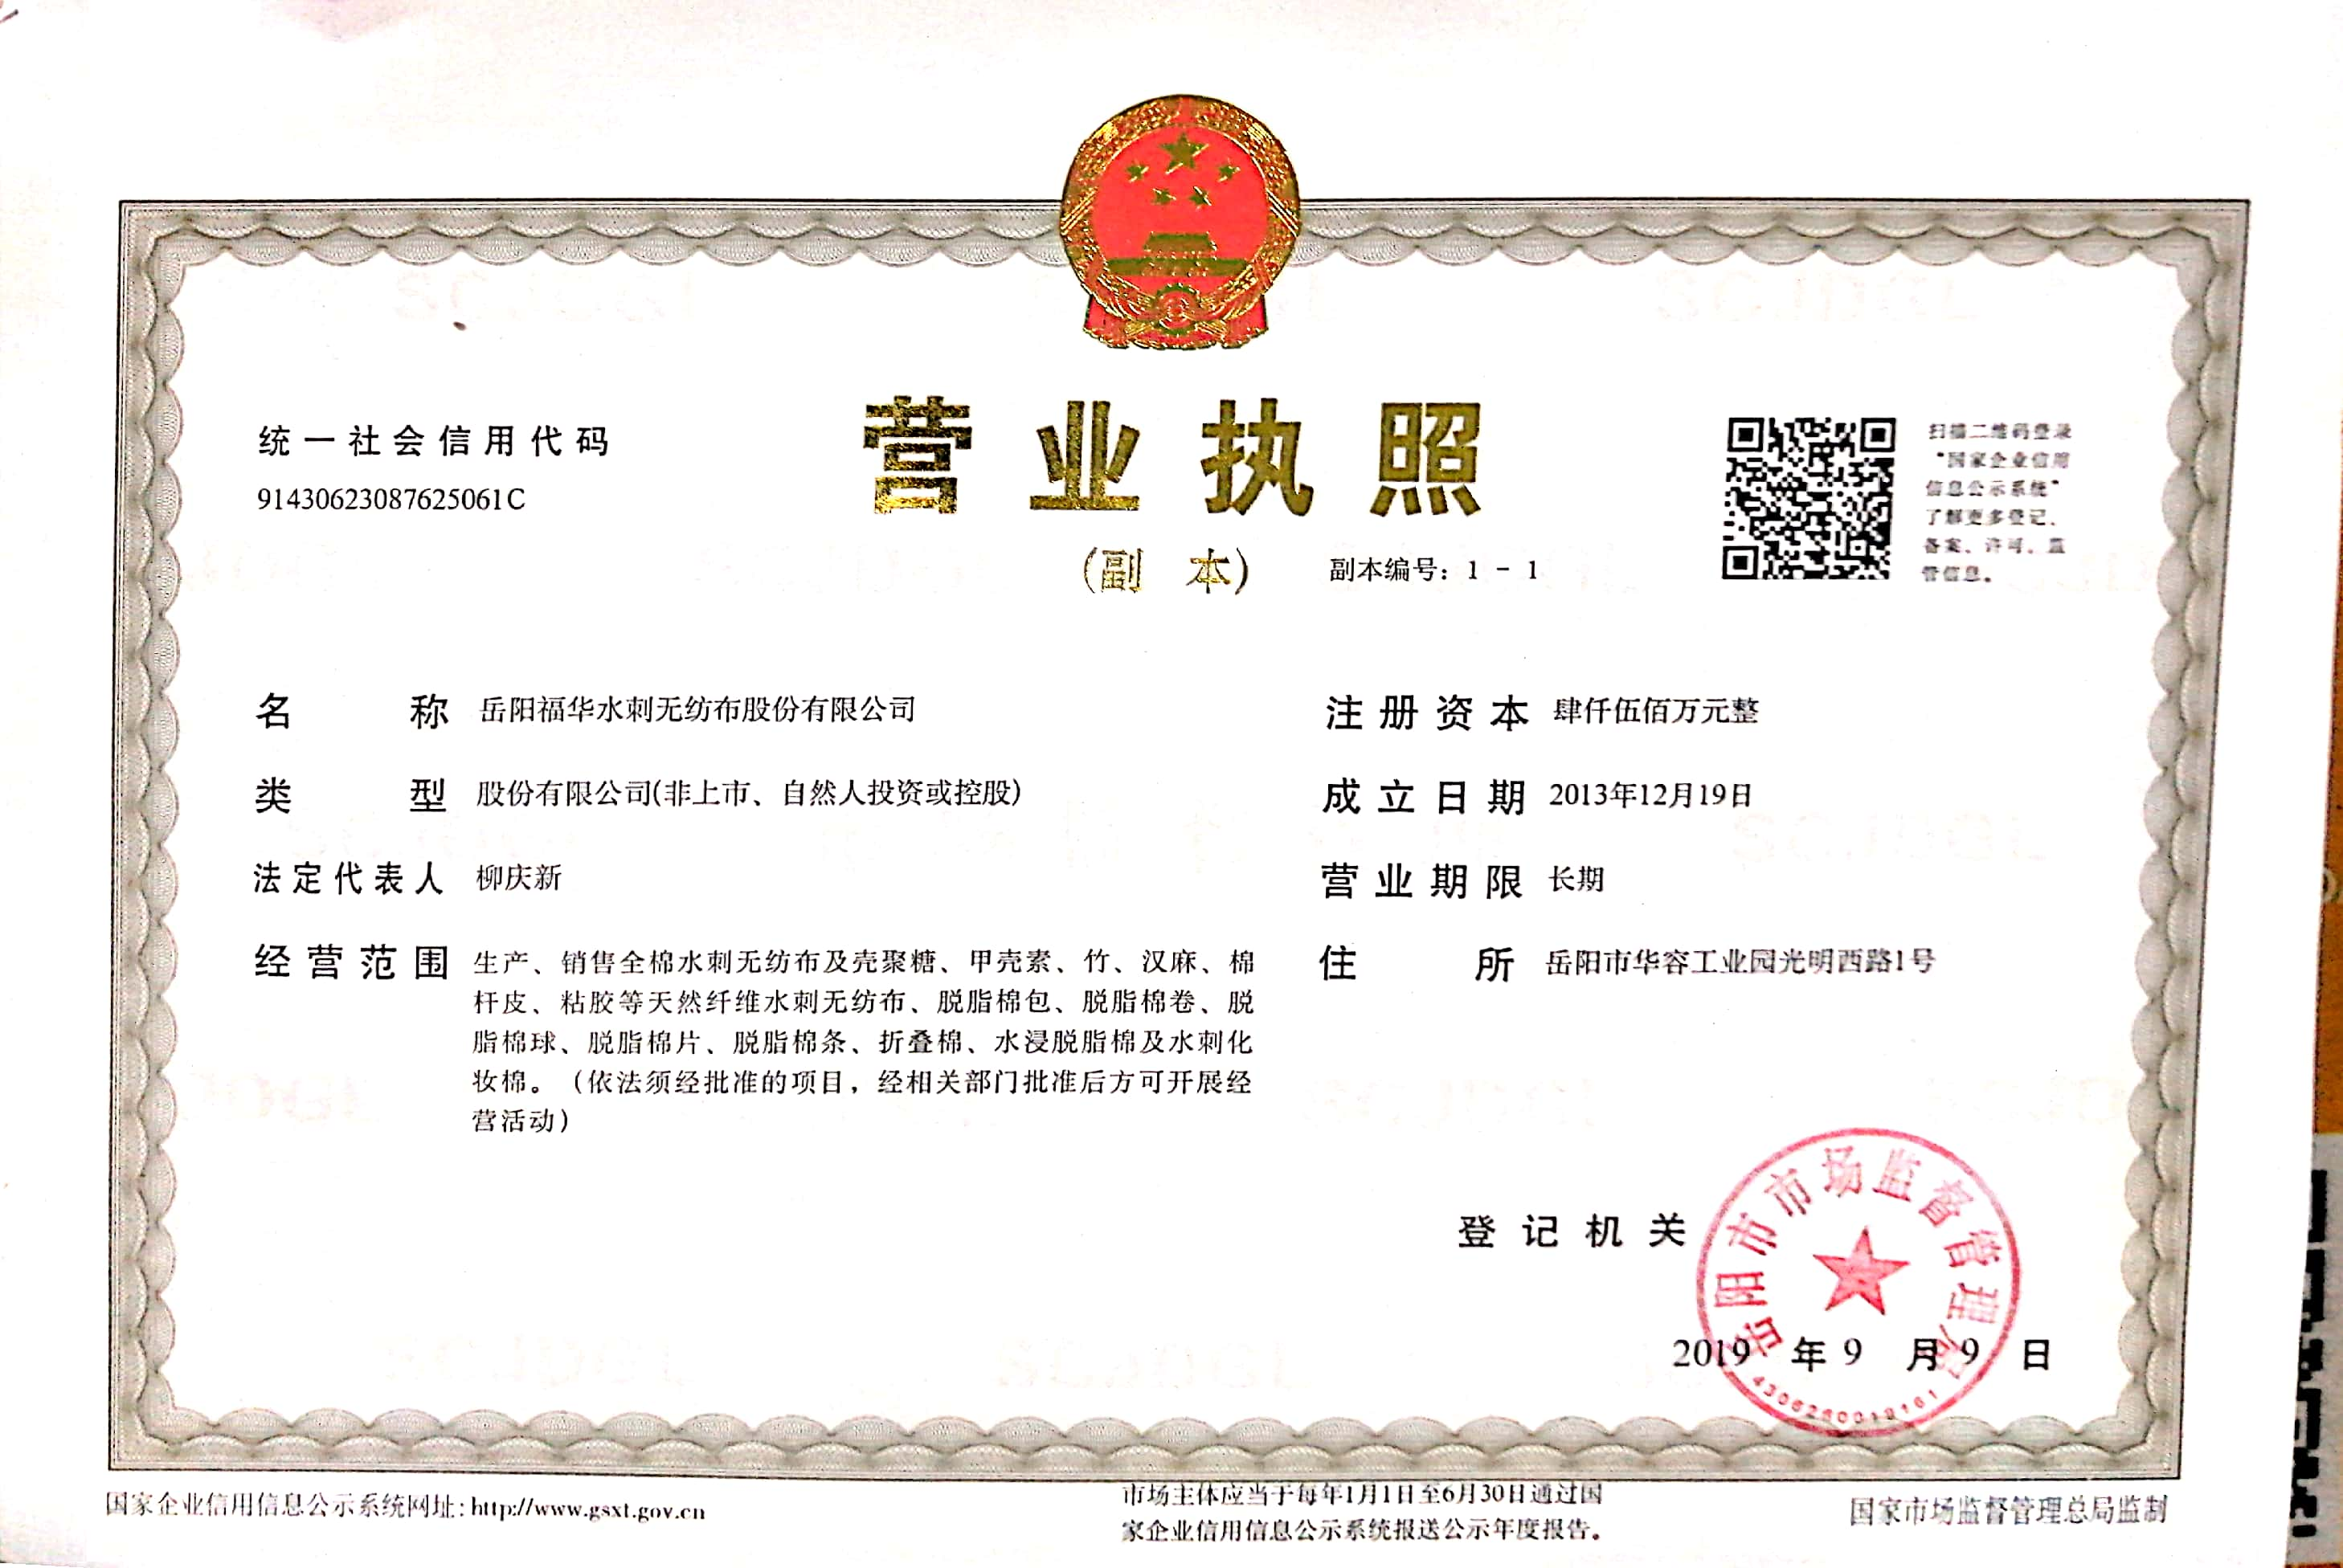 岳阳福华水刺无纺布股份有限公司